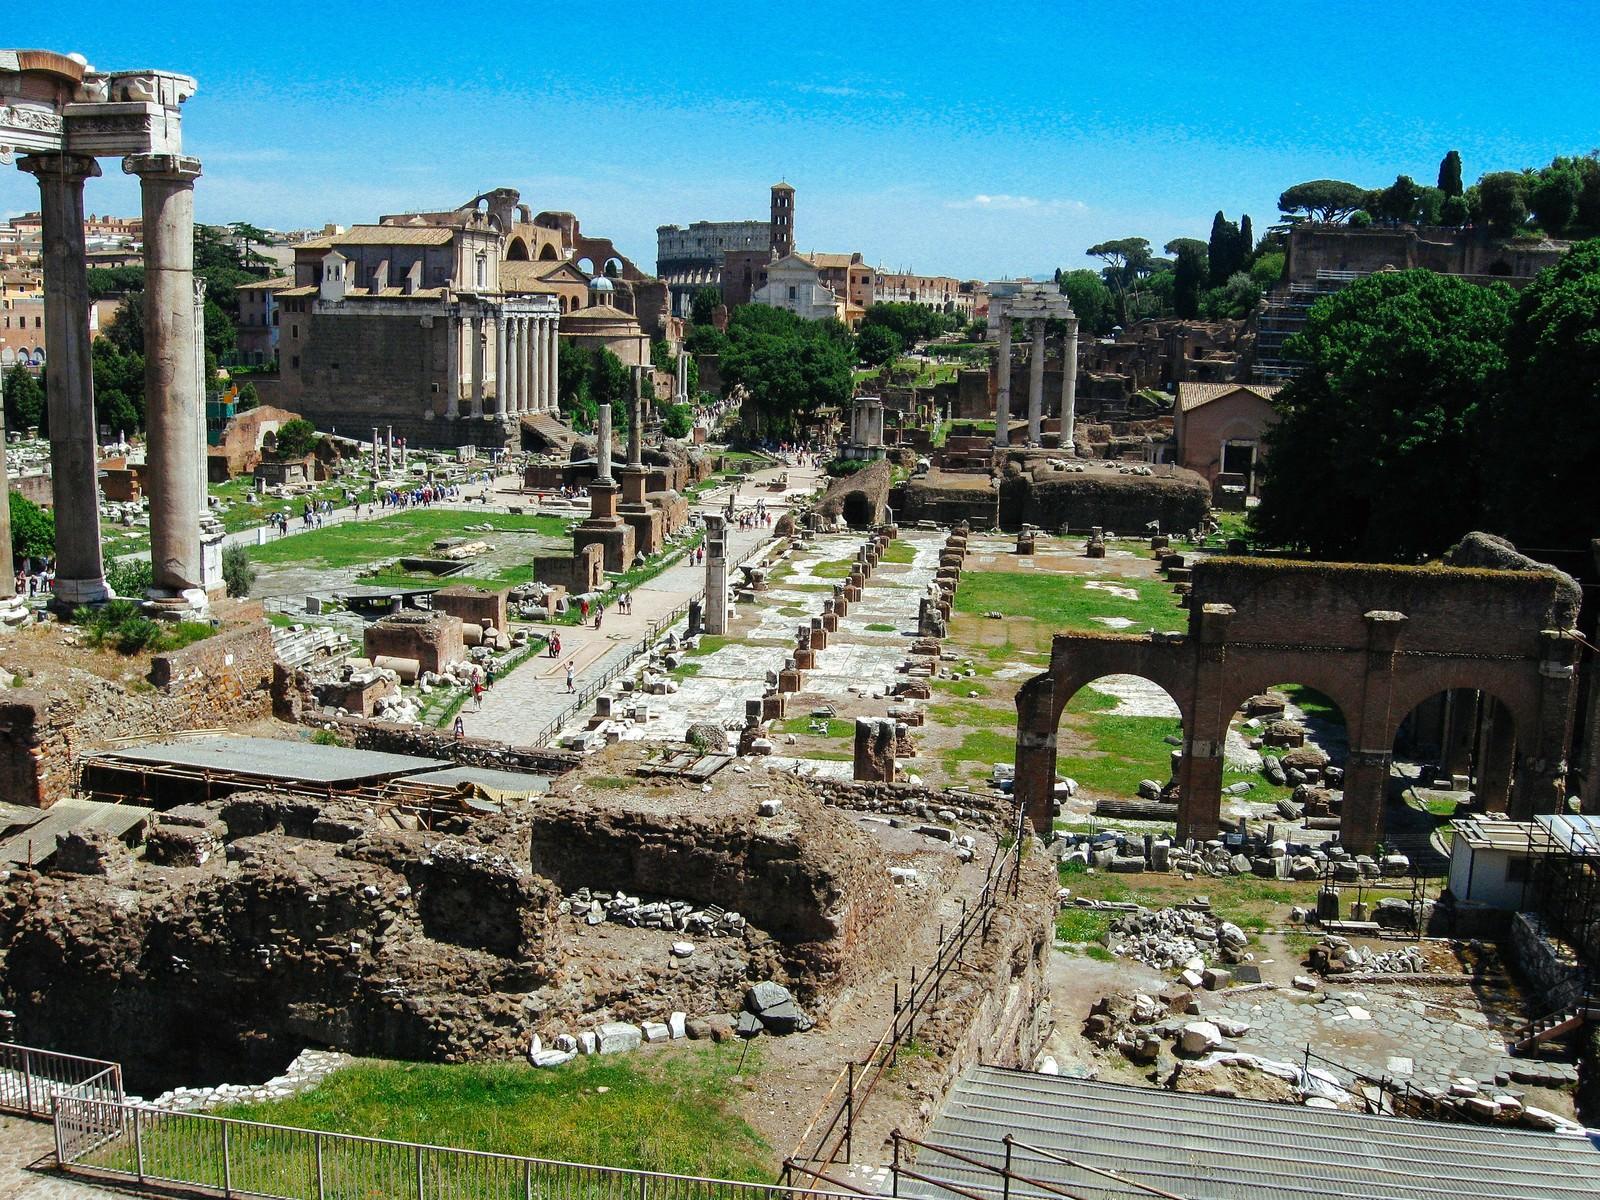 「フォロ・ロマーノ遺跡(ローマ) | 写真の無料素材・フリー素材 - ぱくたそ」の写真